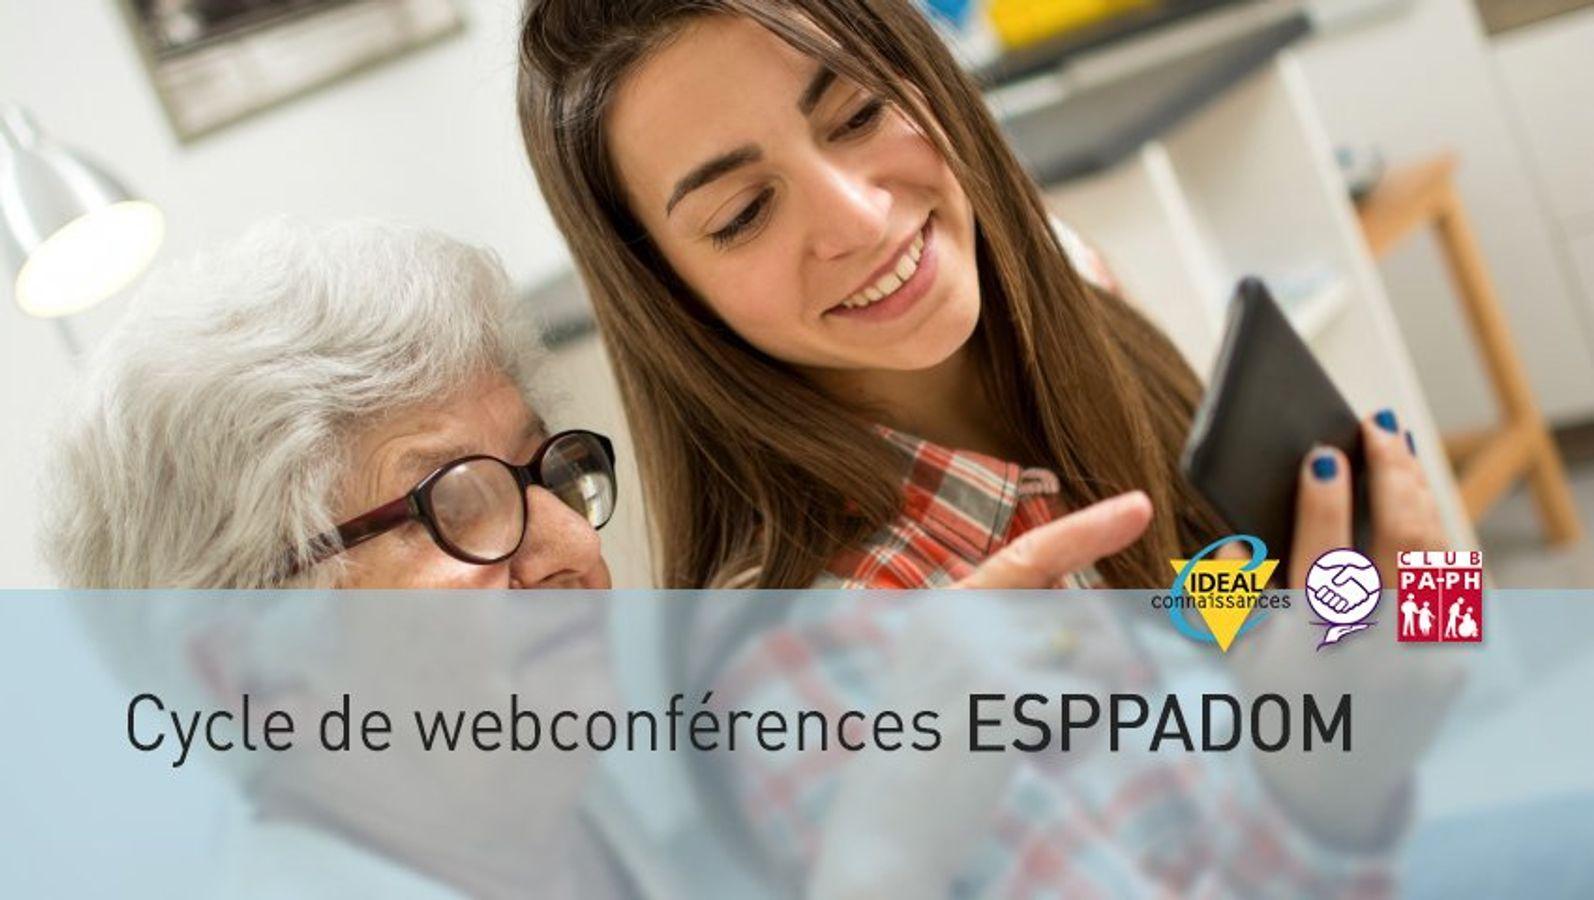 Cycle de webconférences ESPPADOM - Module 2